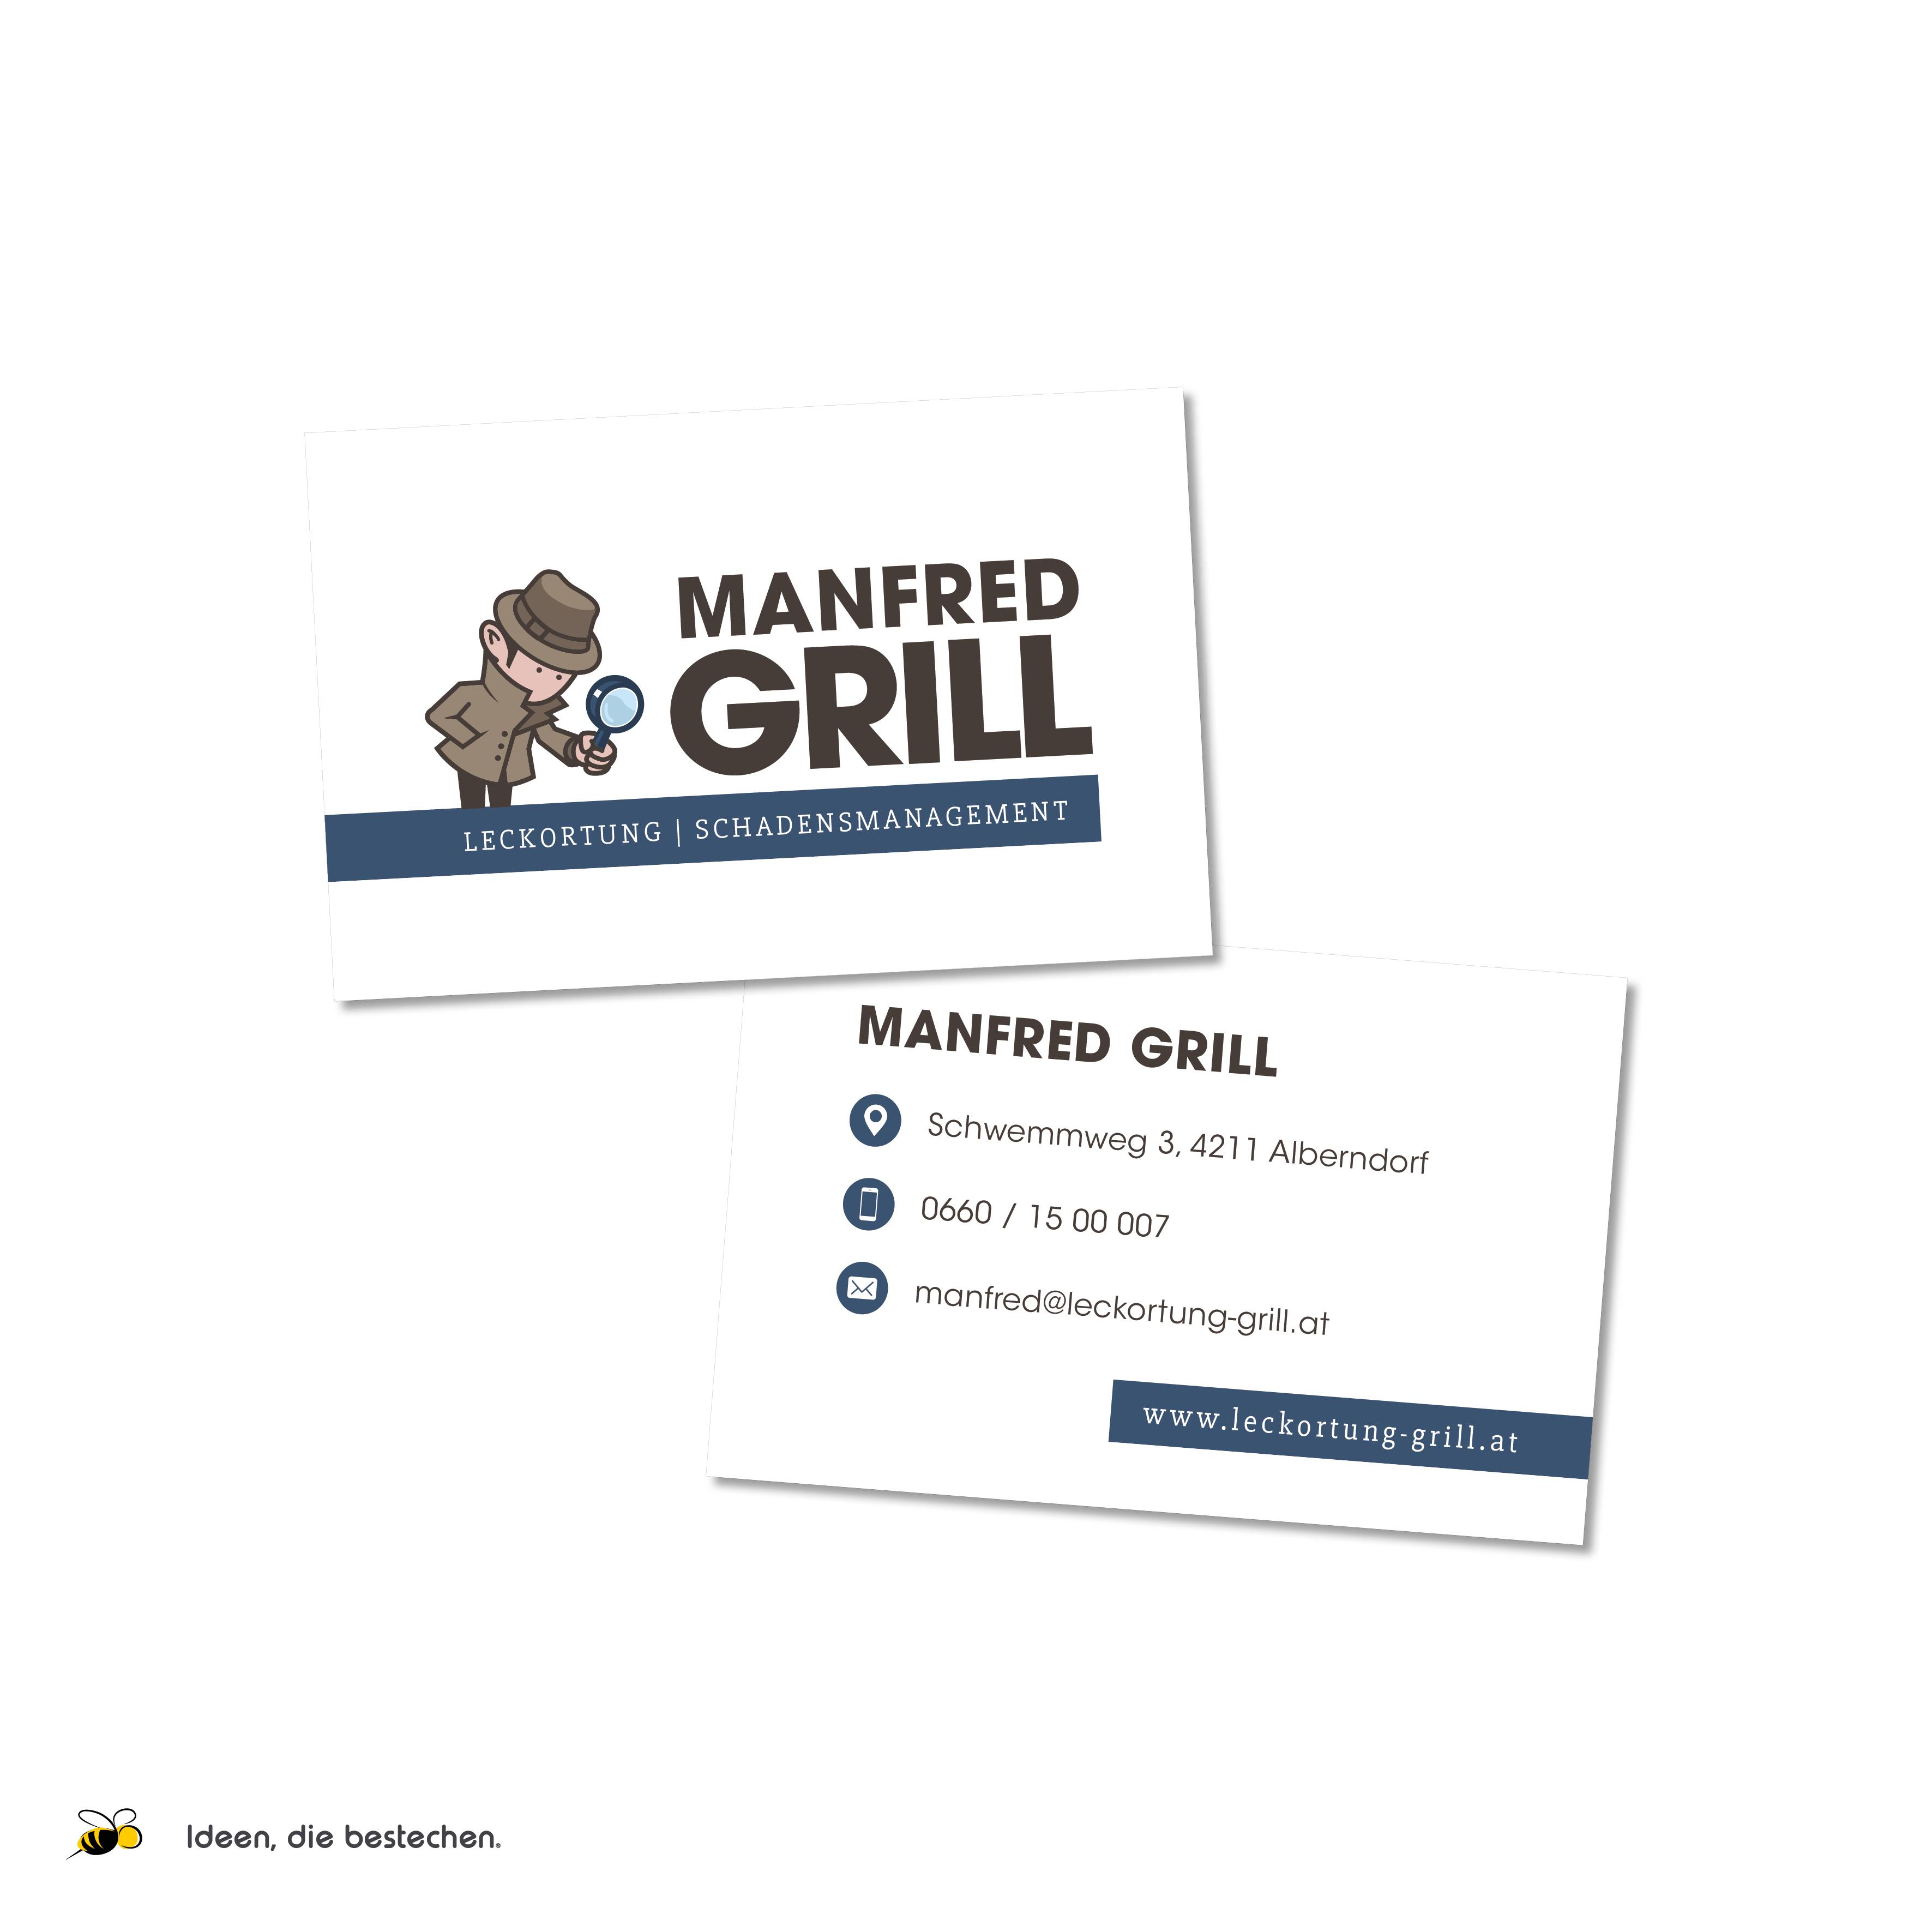 """Referenzen kreativbiene: Corporate Design """"Manfred Grill"""""""